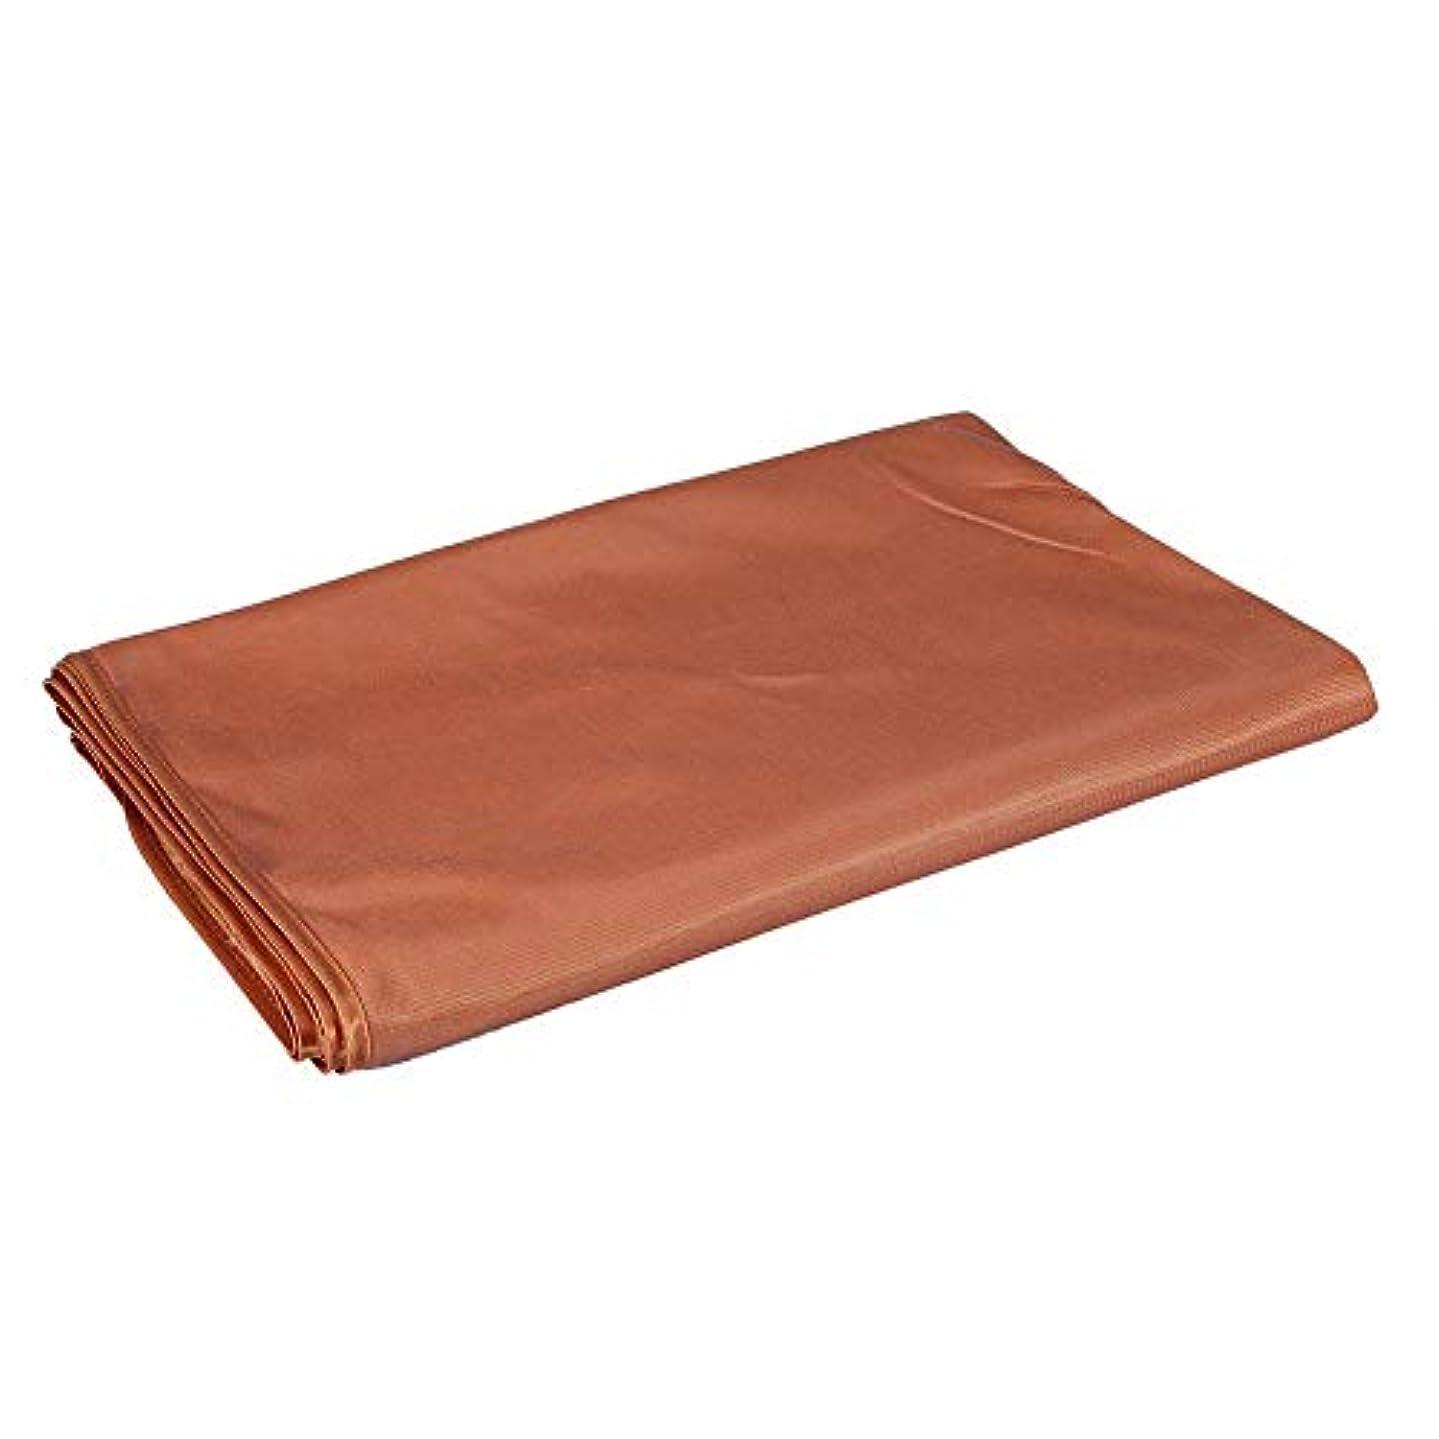 ほこり売り手租界美のマッサージのベッドカバー、表面呼吸穴が付いている柔らかいシートの鉱泉(120 x 200cm-キャメル)